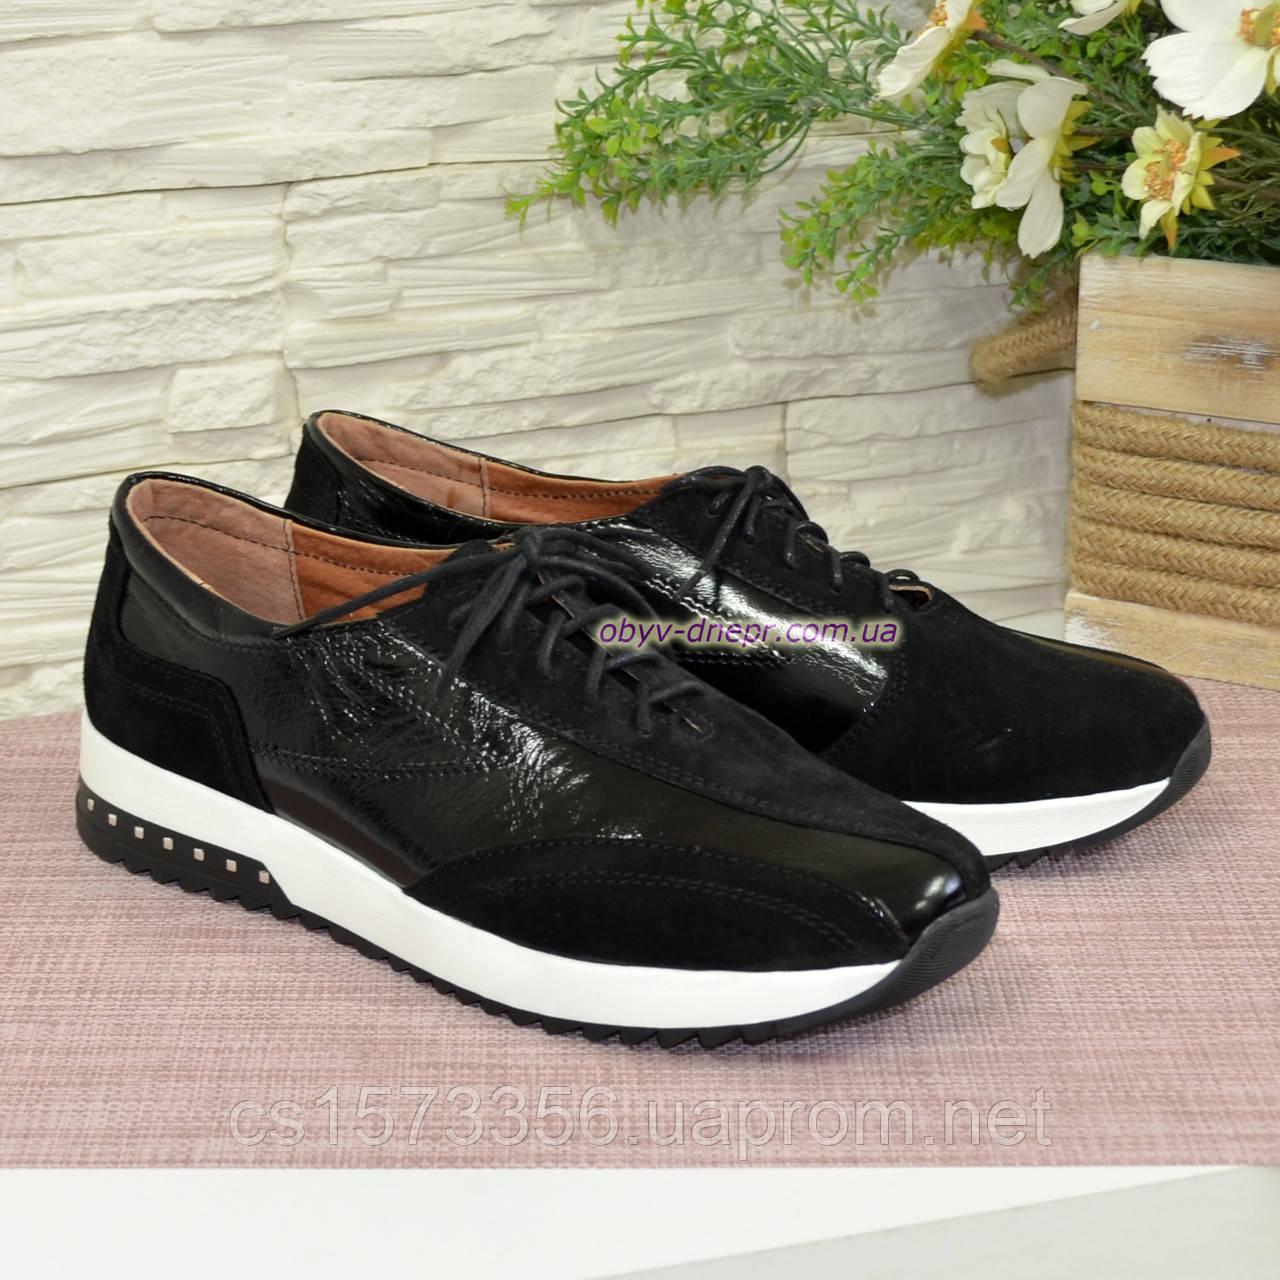 Спортивные женские туфли кожаные с лаковыми вставками от производителя.